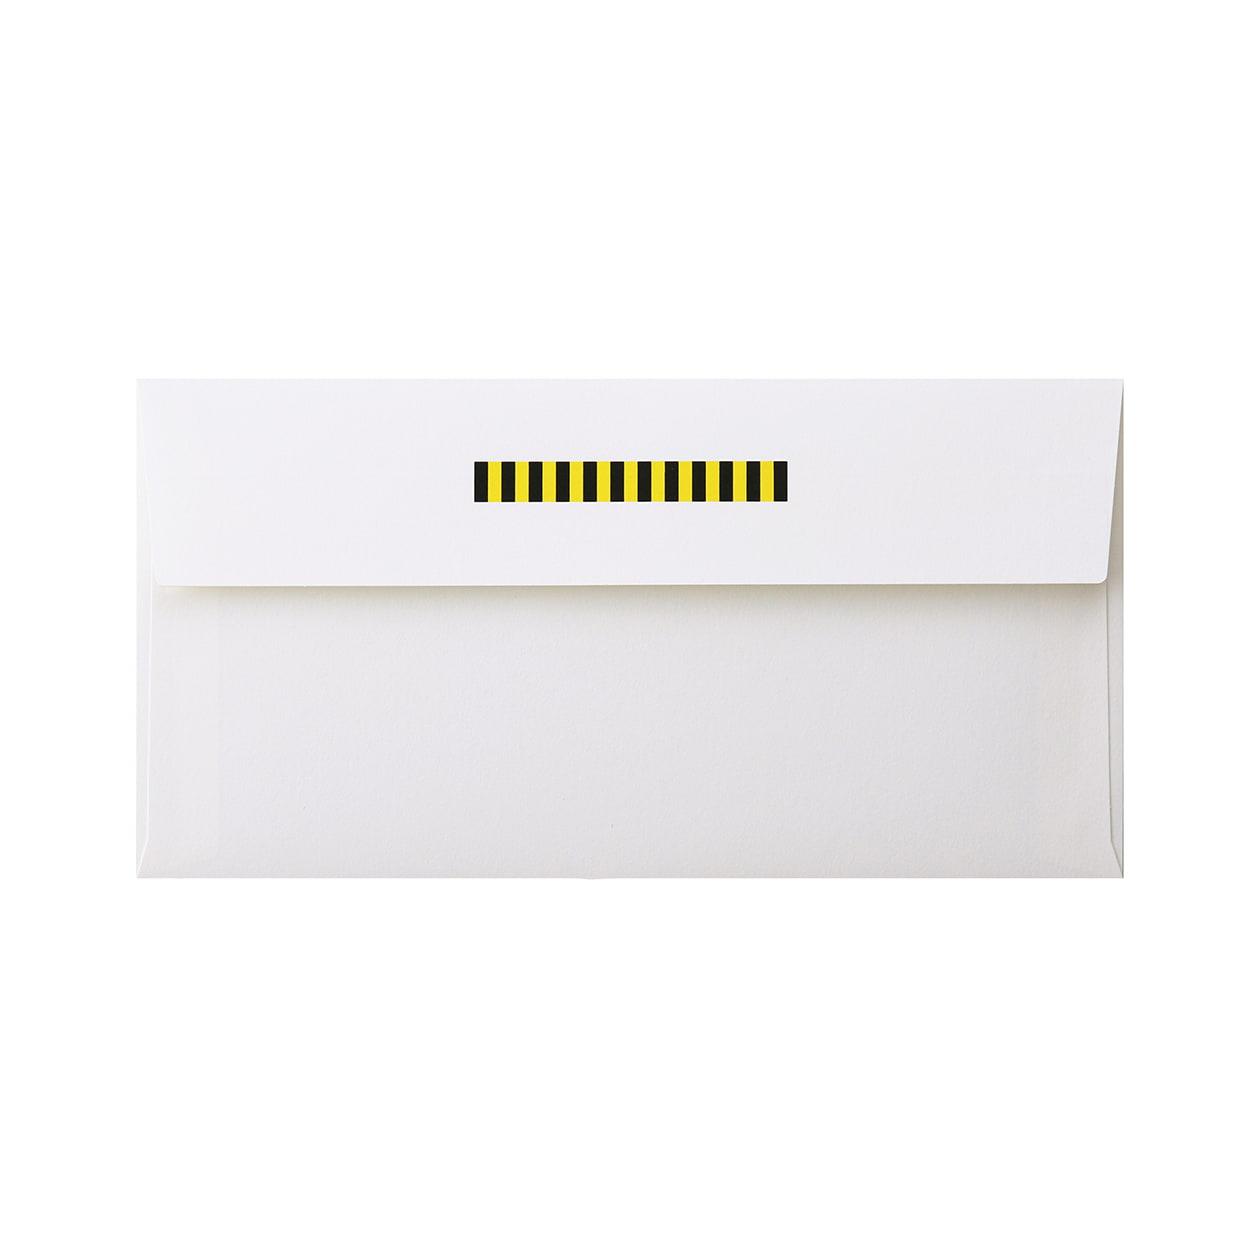 見本 00217 長3カマス封筒 コットン スノーホワイト 116.3g